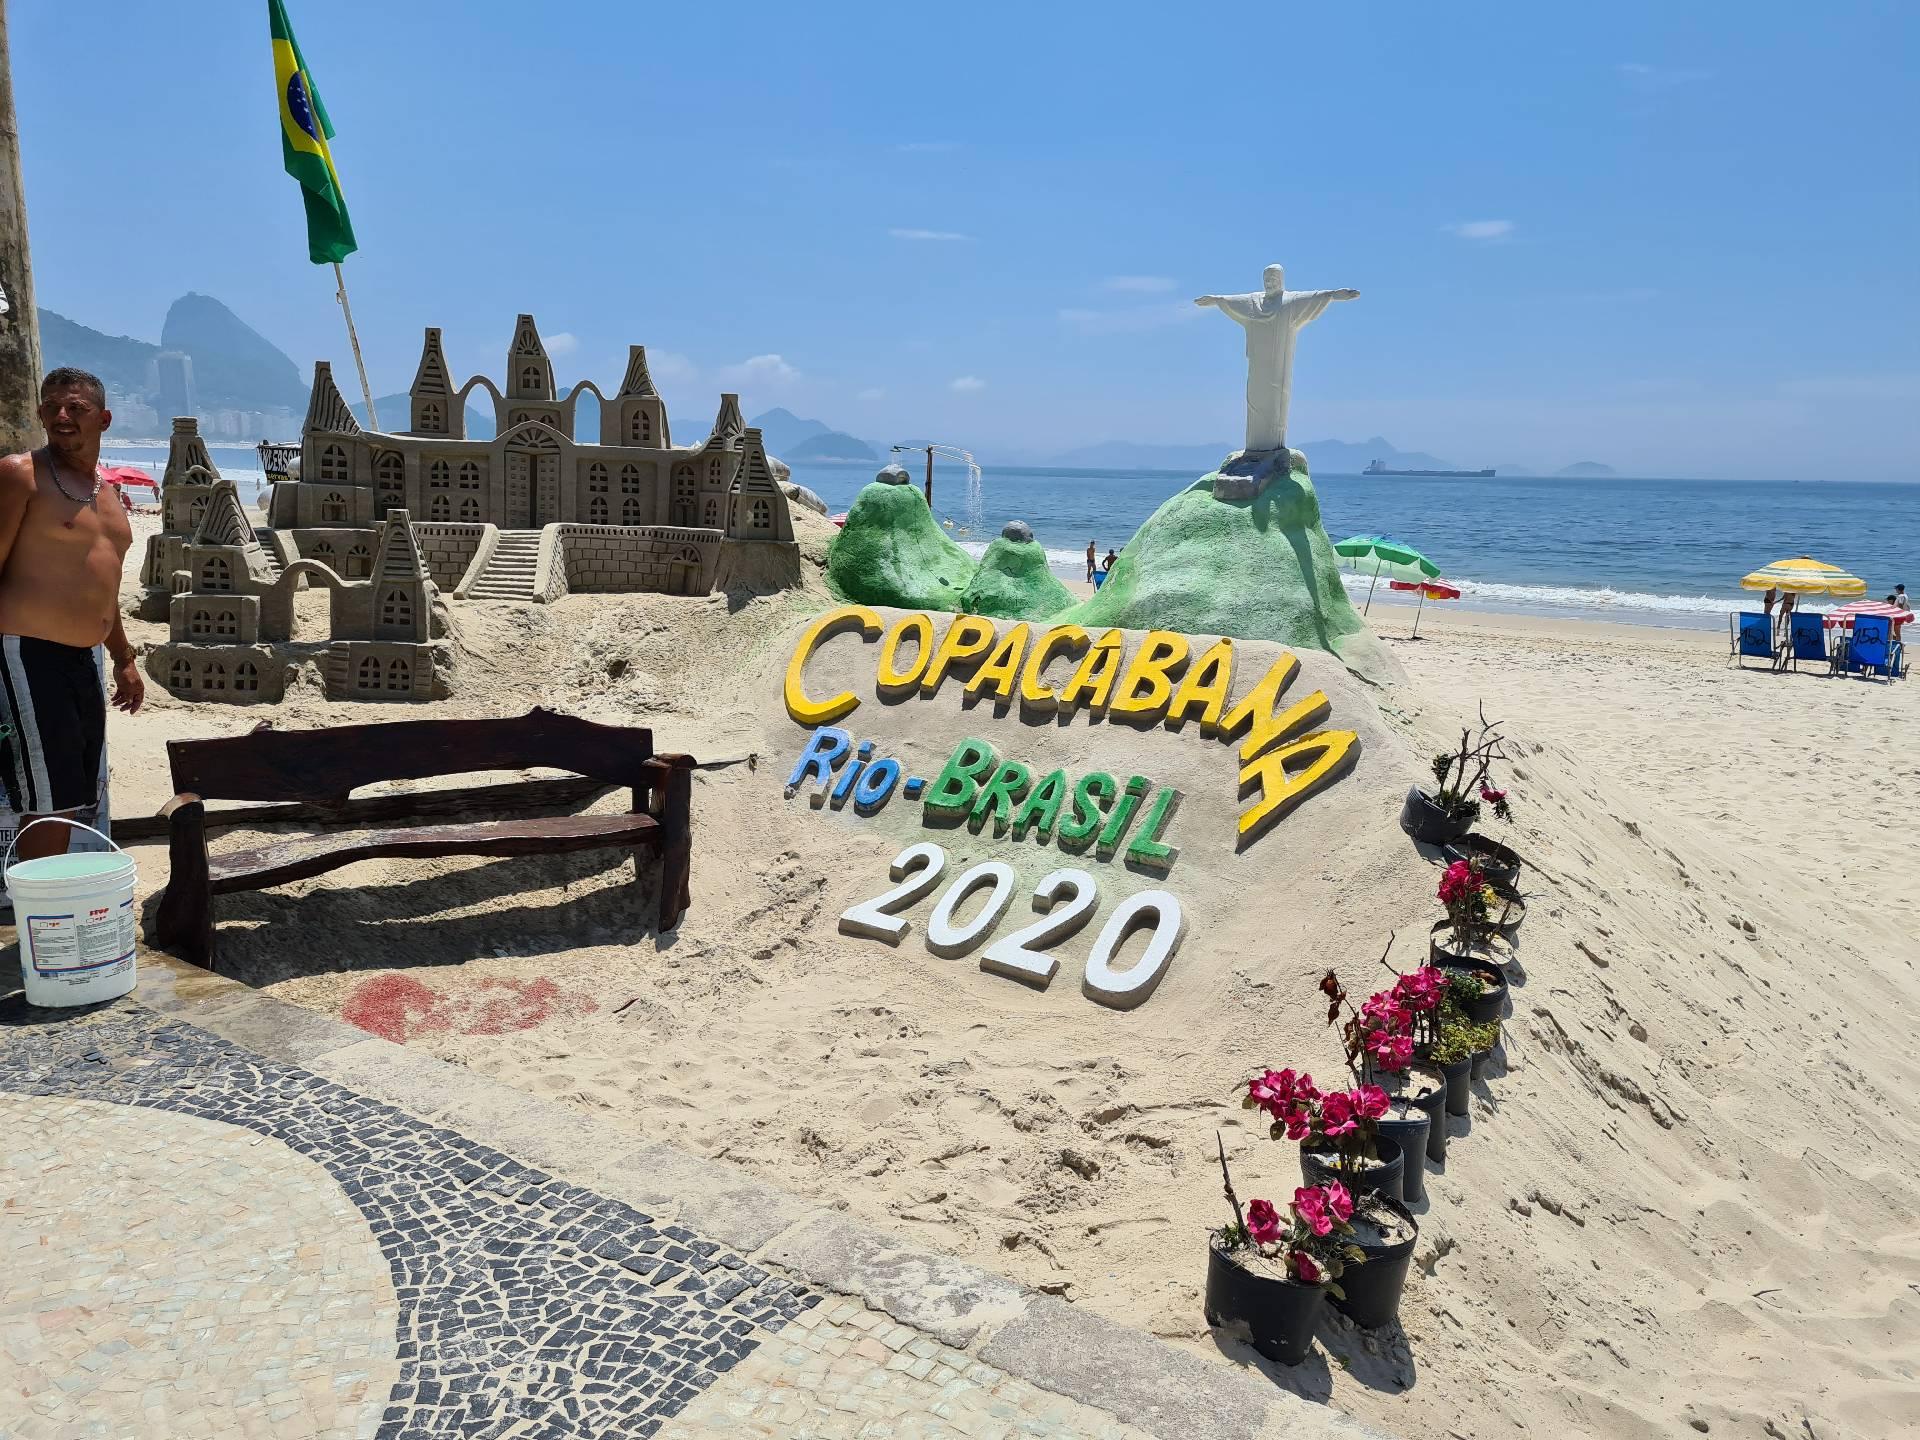 замки из песка на пляже Копакабана